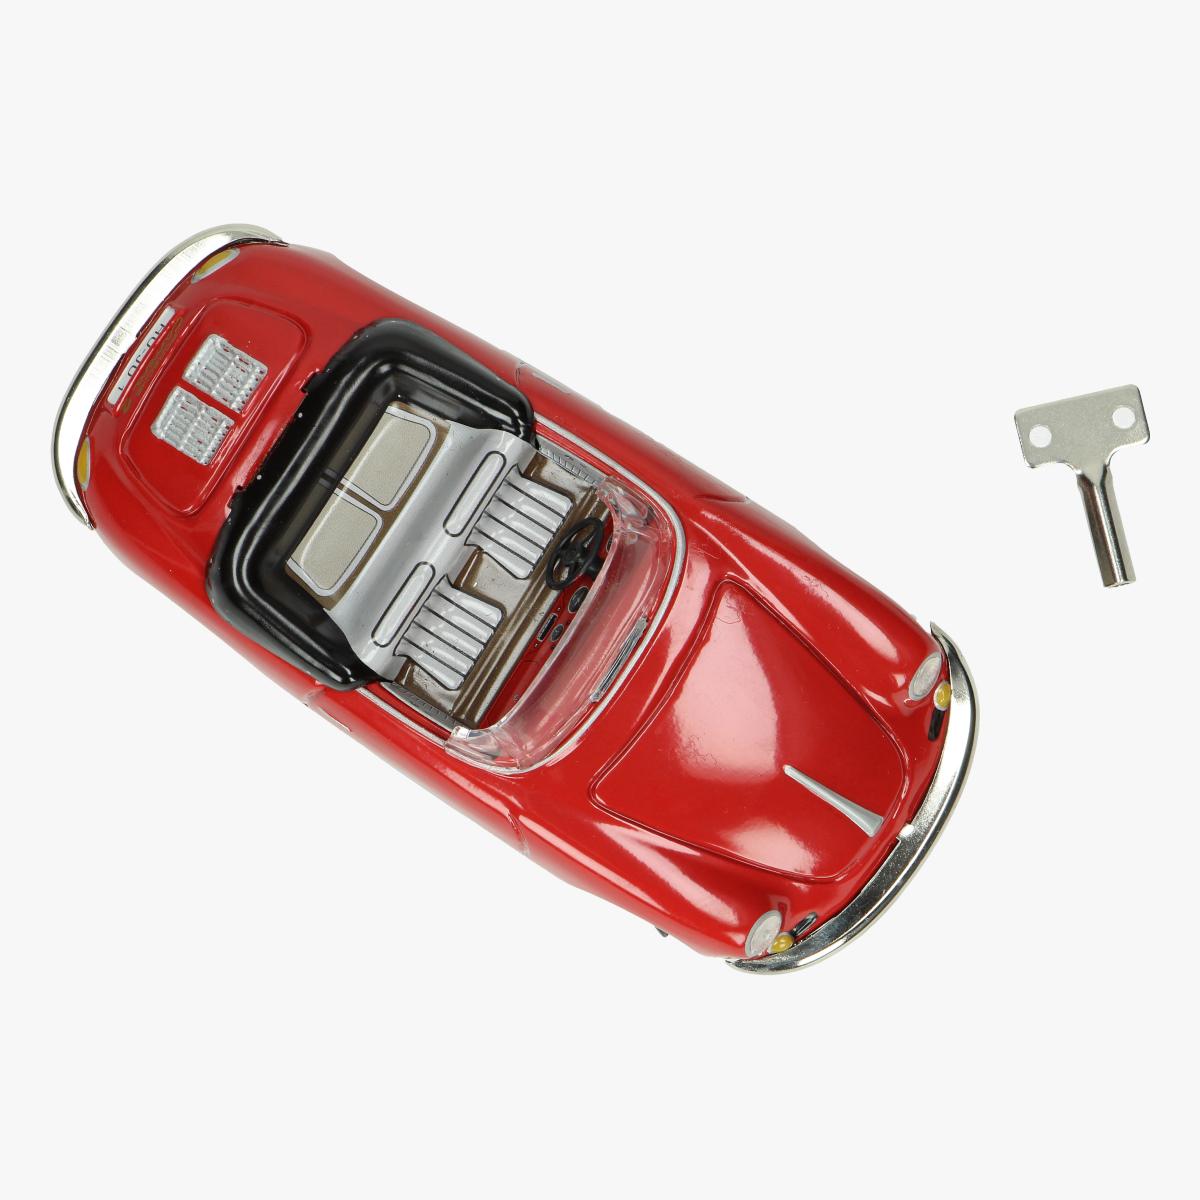 Afbeeldingen van blikken porche carrea cabriolet rood repro